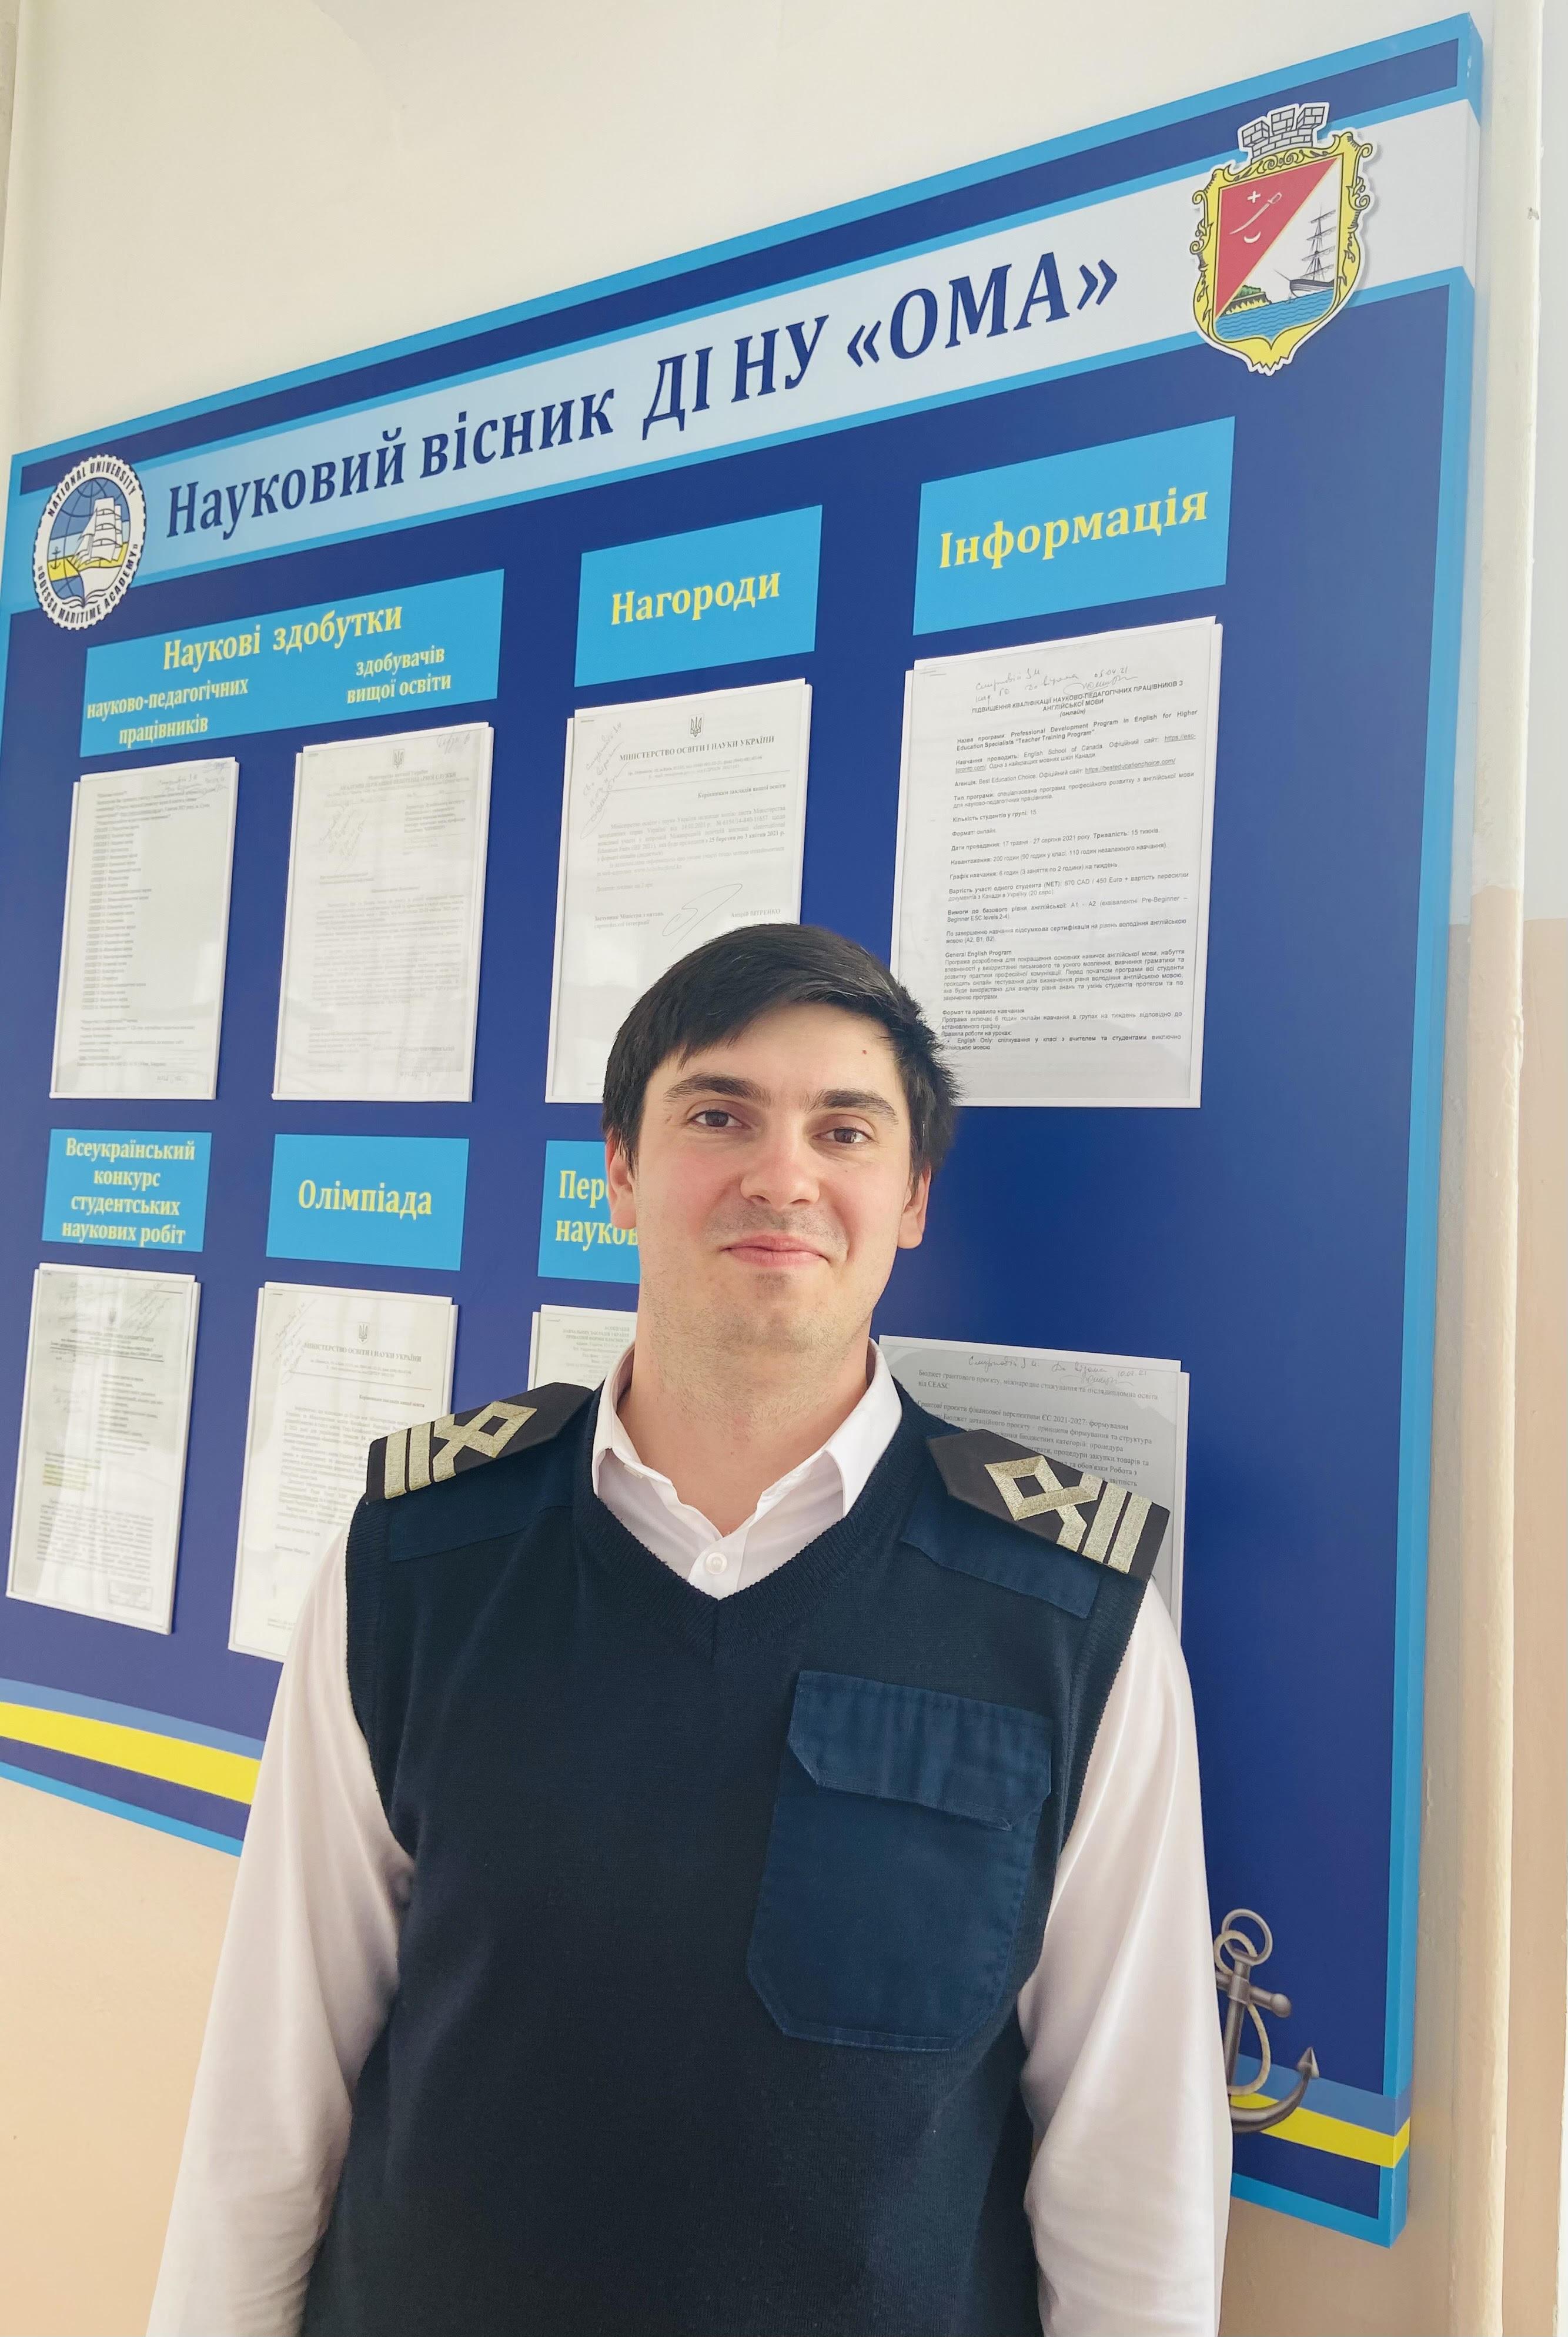 ВітаємоНайдьонова Андрія Ігоровича із захистом кандидатської дисертації